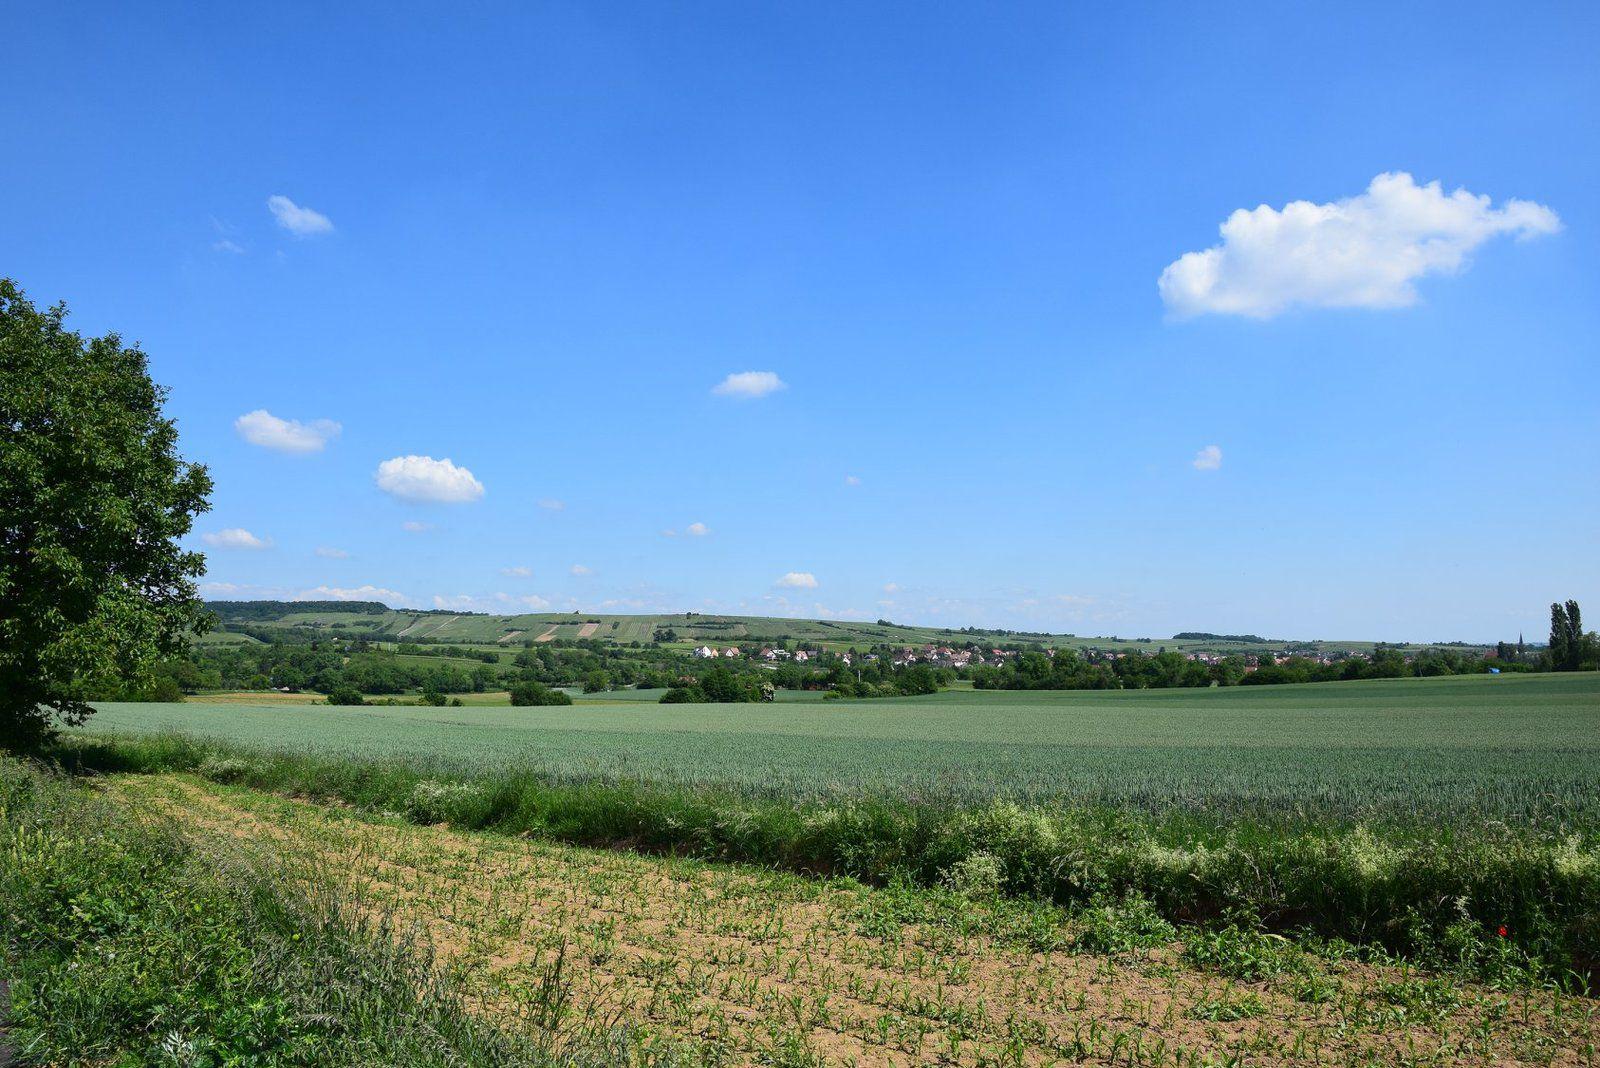 La campagne autour de Rosheim